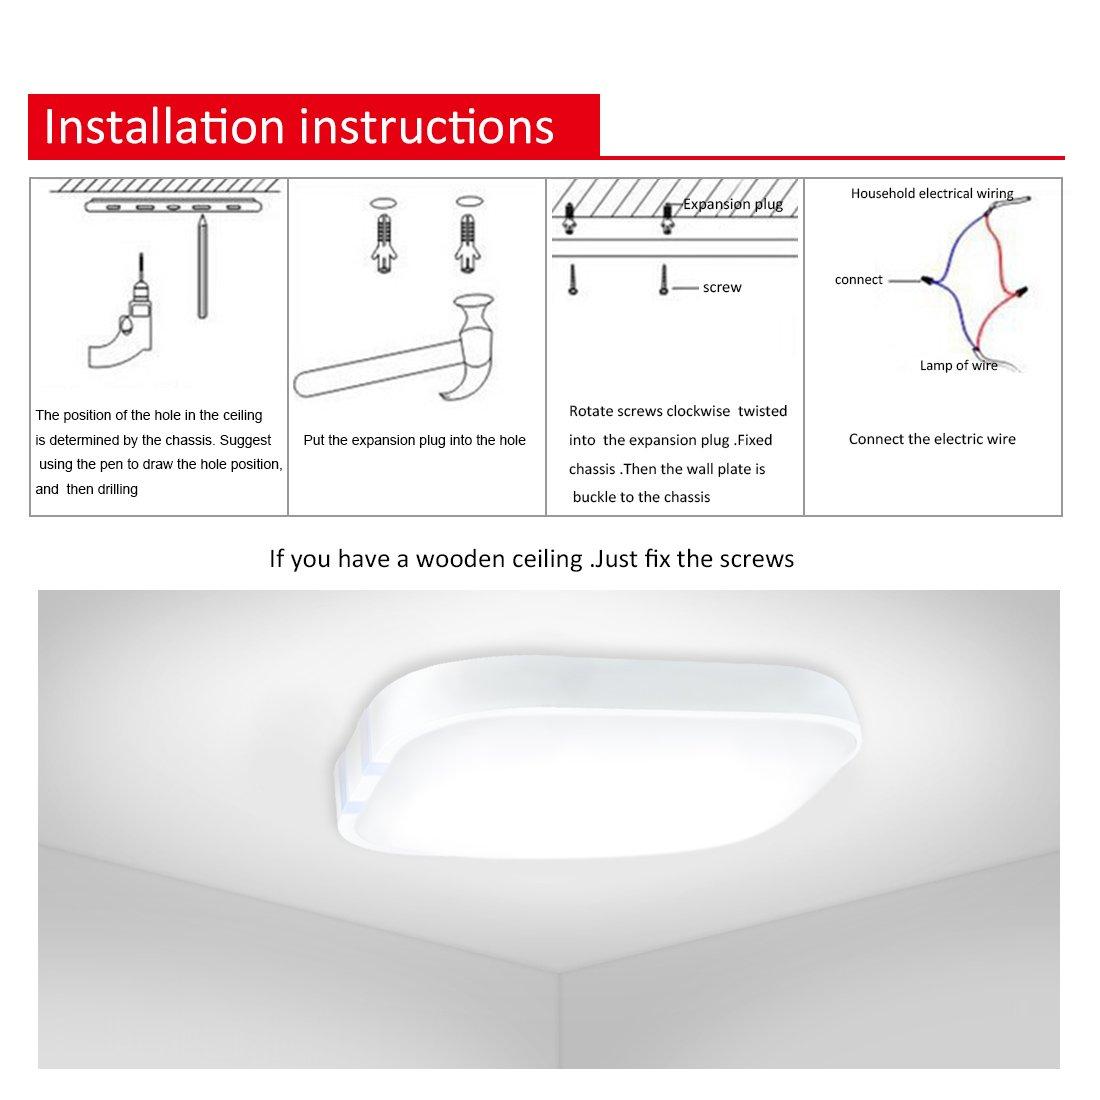 iluminaci/ón interior Berkalash control por smartphone grabado con concha negra l/ámpara de techo multicolor L/ámpara de techo LED l/ámpara de techo con altavoz de m/úsica Bluetooth